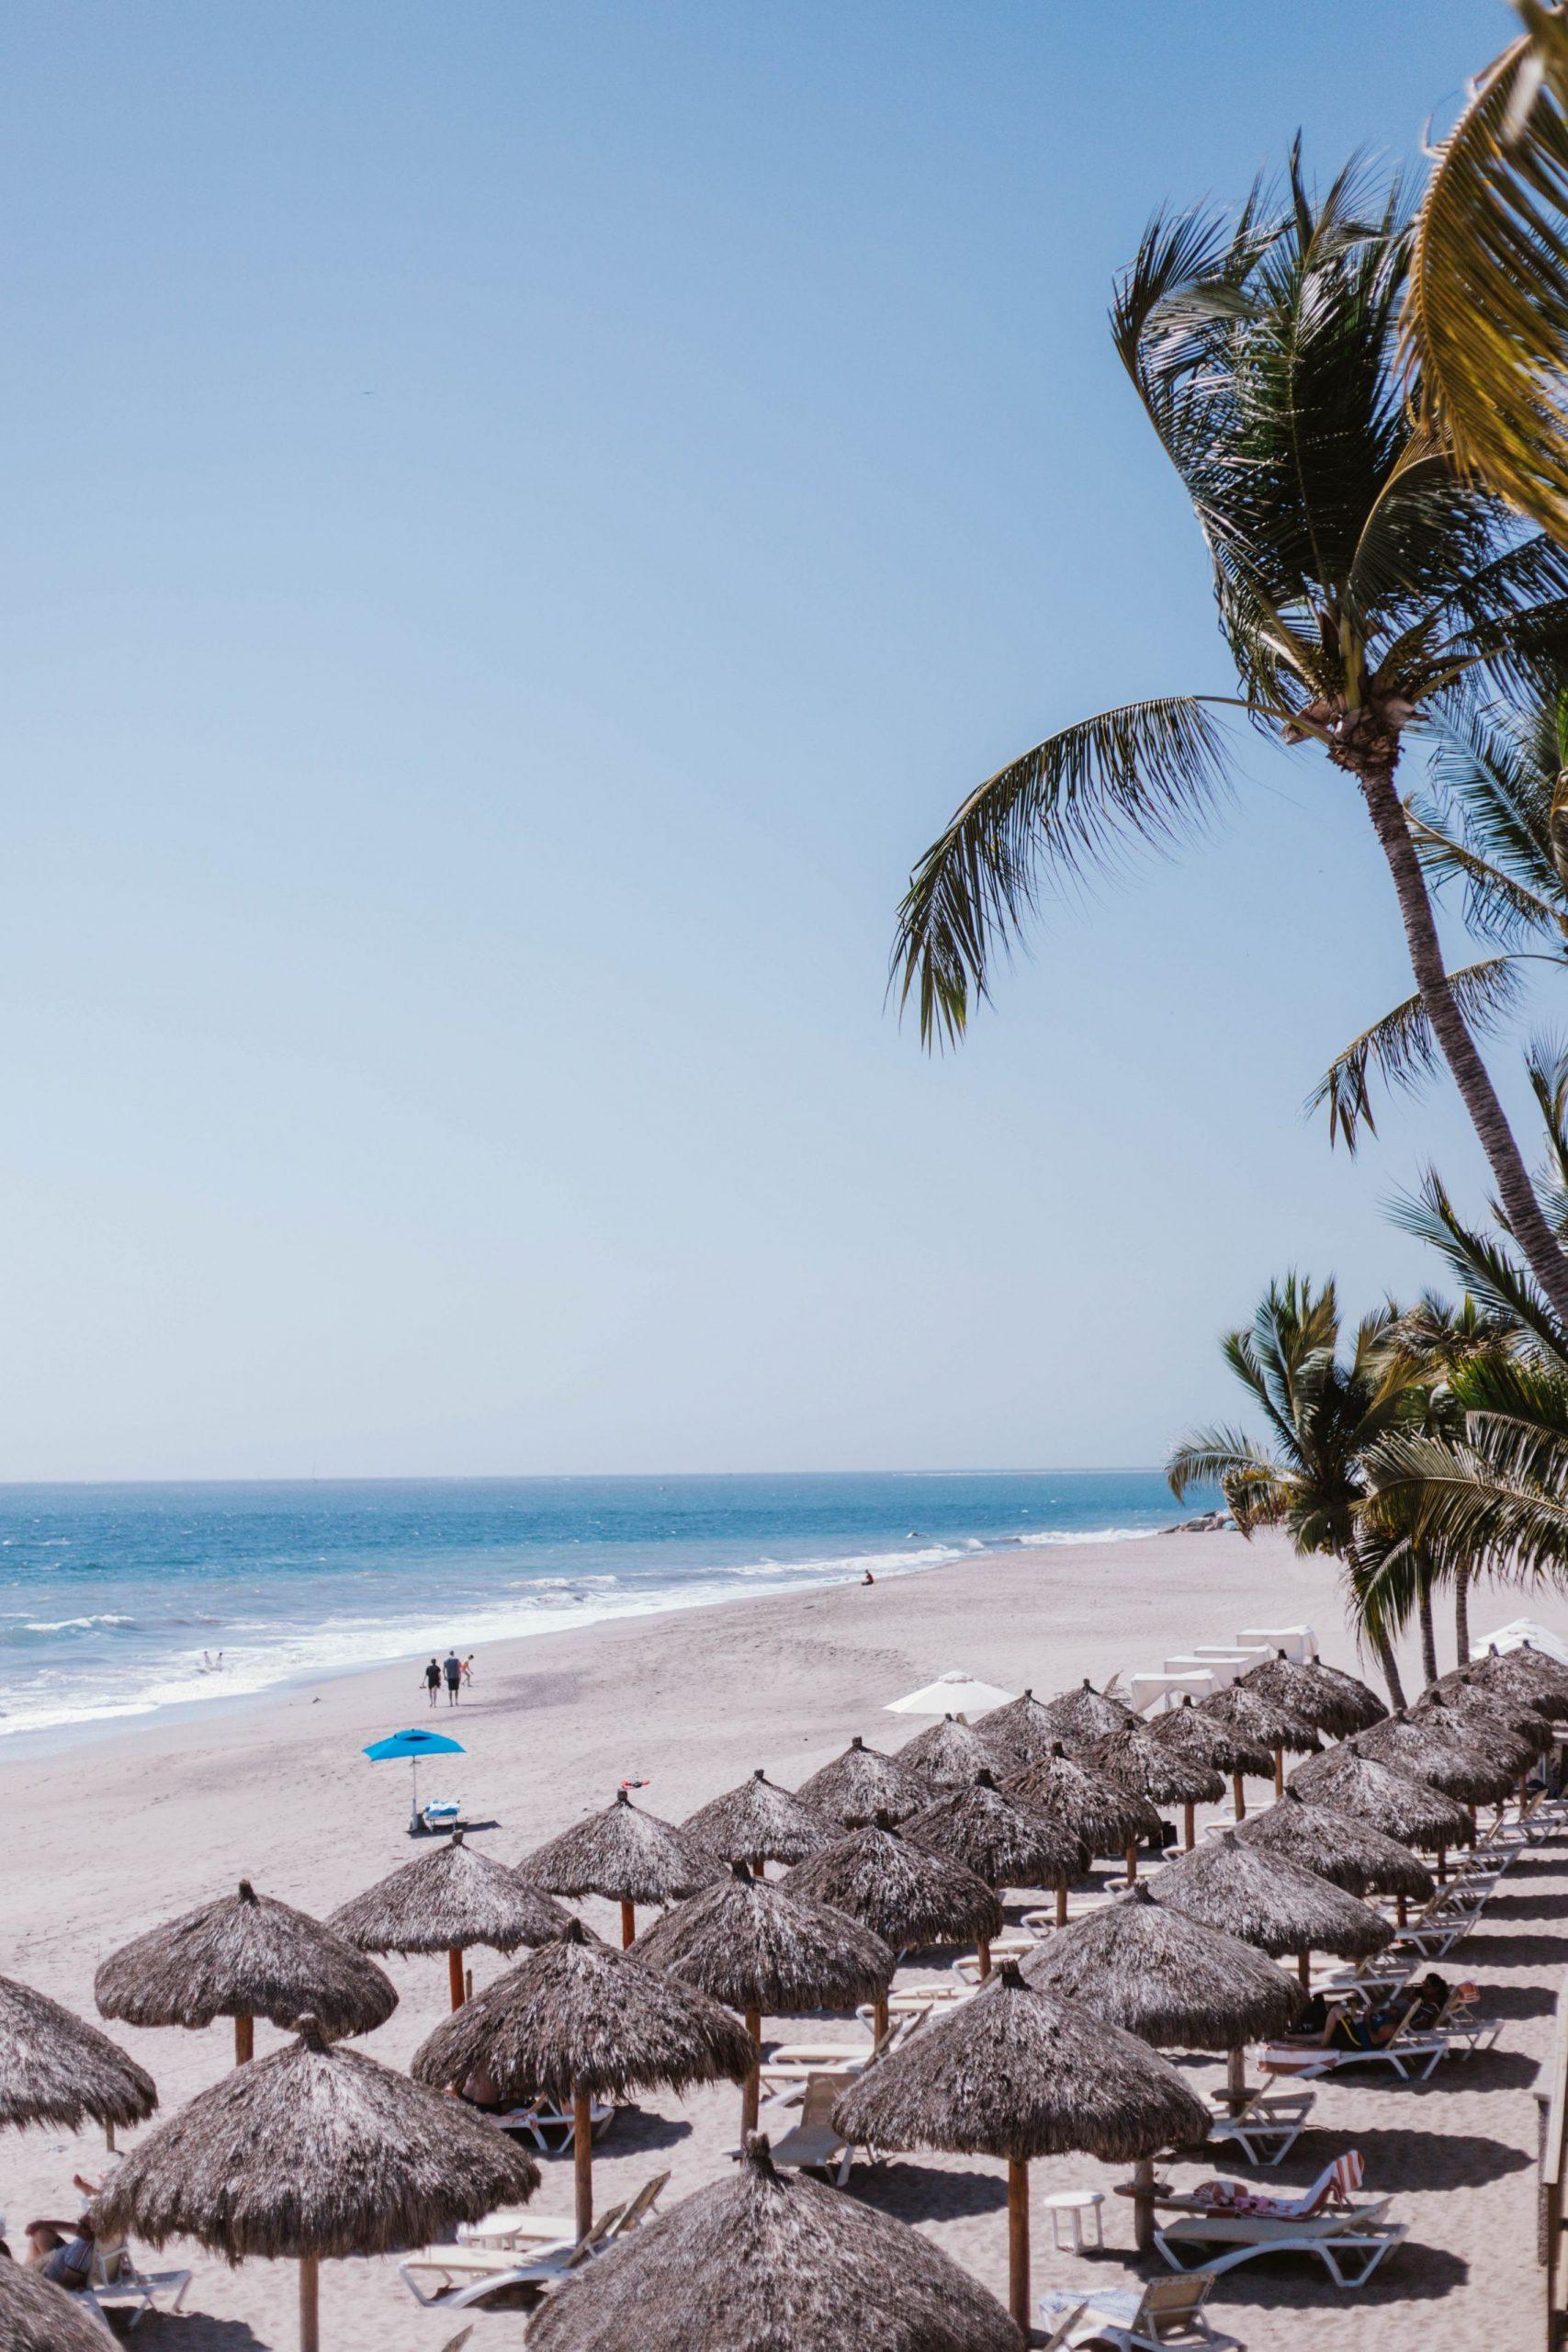 Stunning beach in Puerto Vallarta, Mexico.